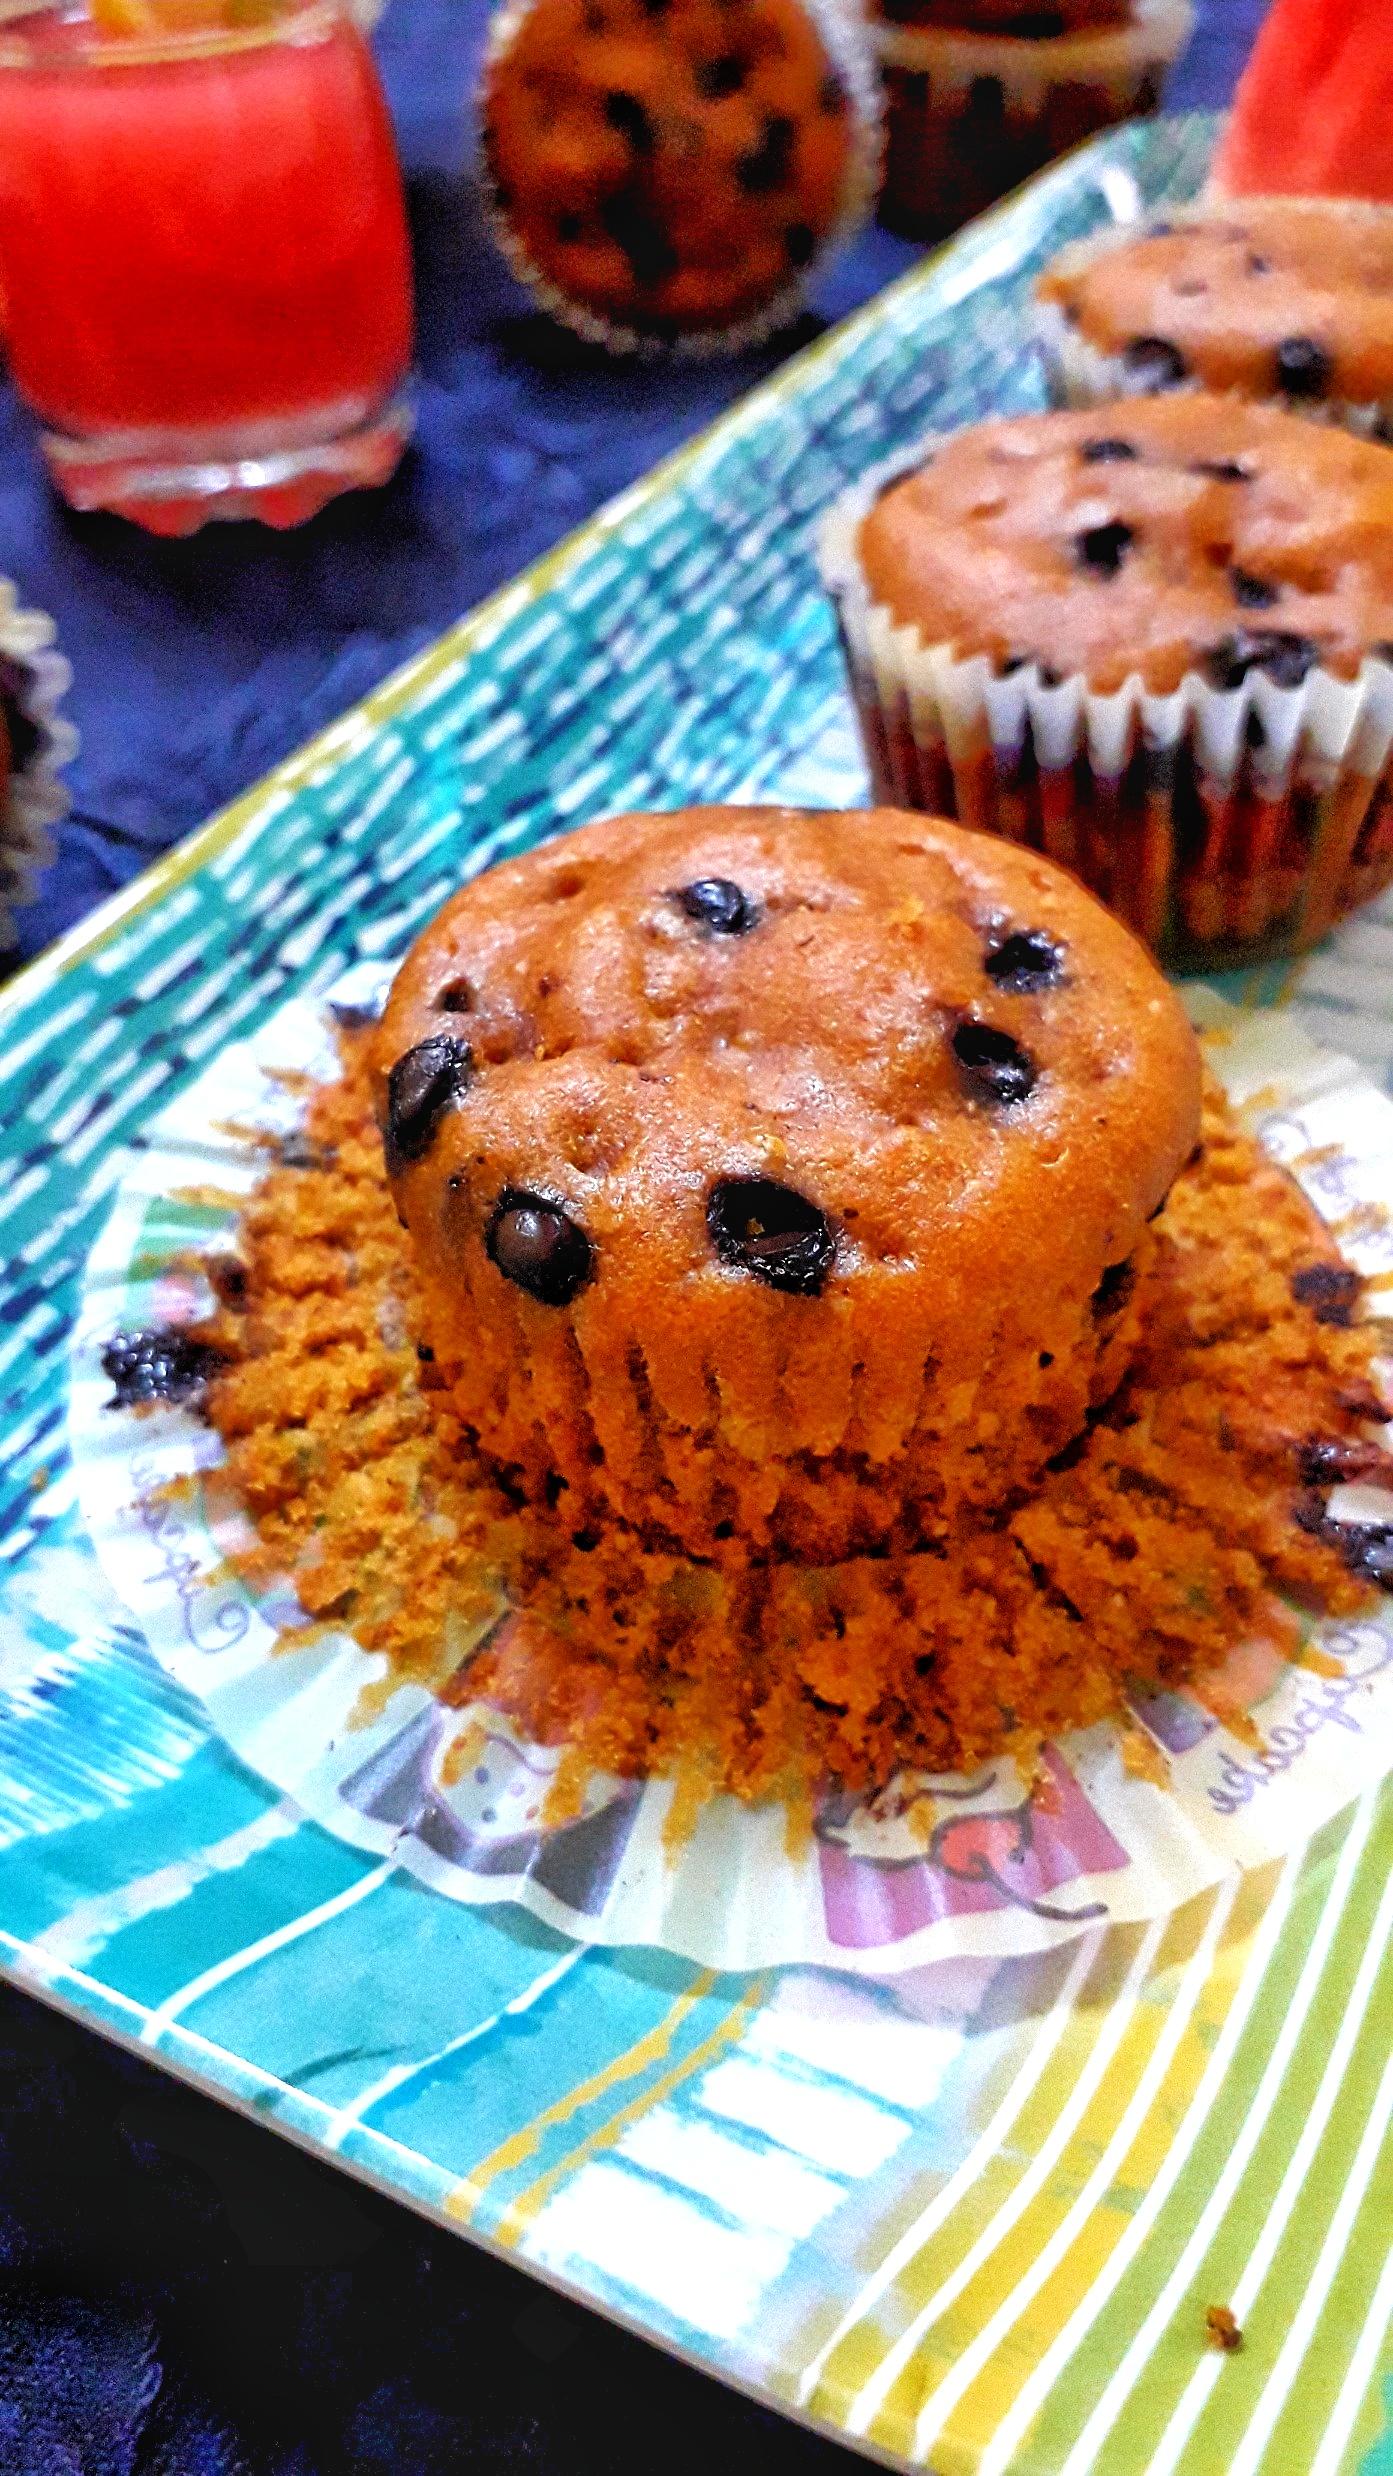 Watermelon Muffins / Whole Wheat Eggless Watermelon Muffins / Watermelon Chocolate Chip Muffins